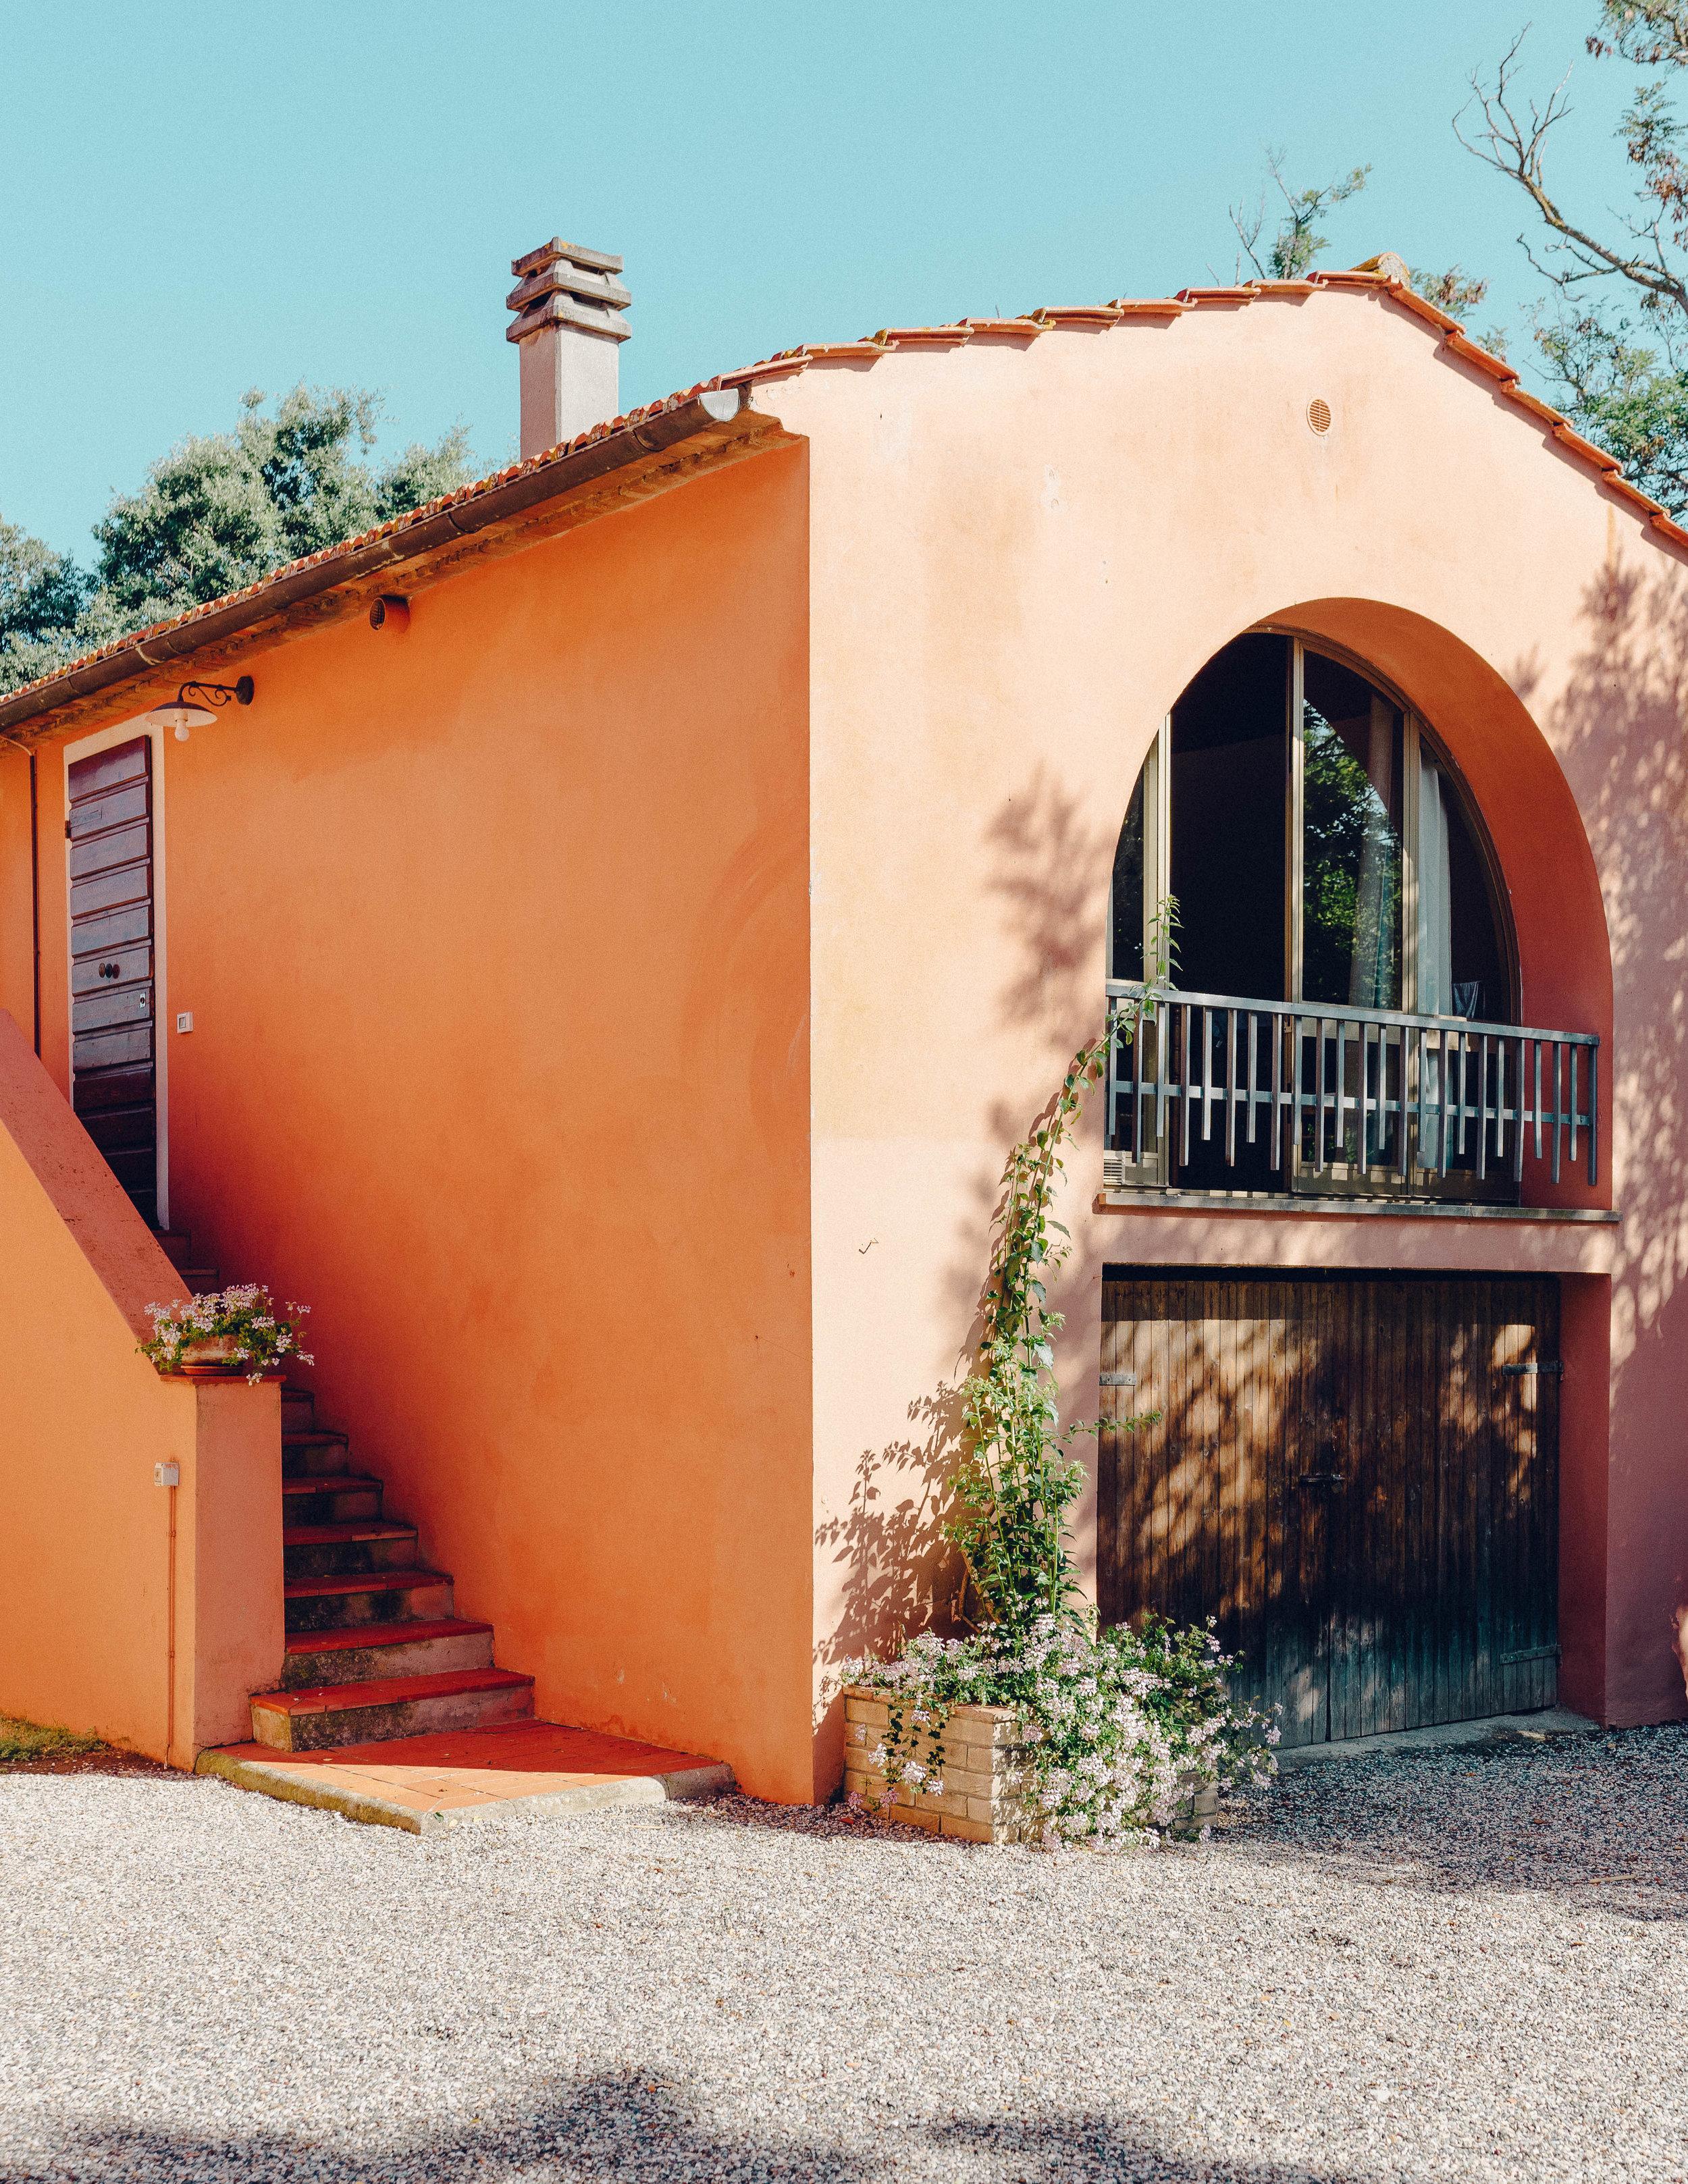 ASROSENVINGE_Roadtrip_Italy_Toscana-07703.jpg